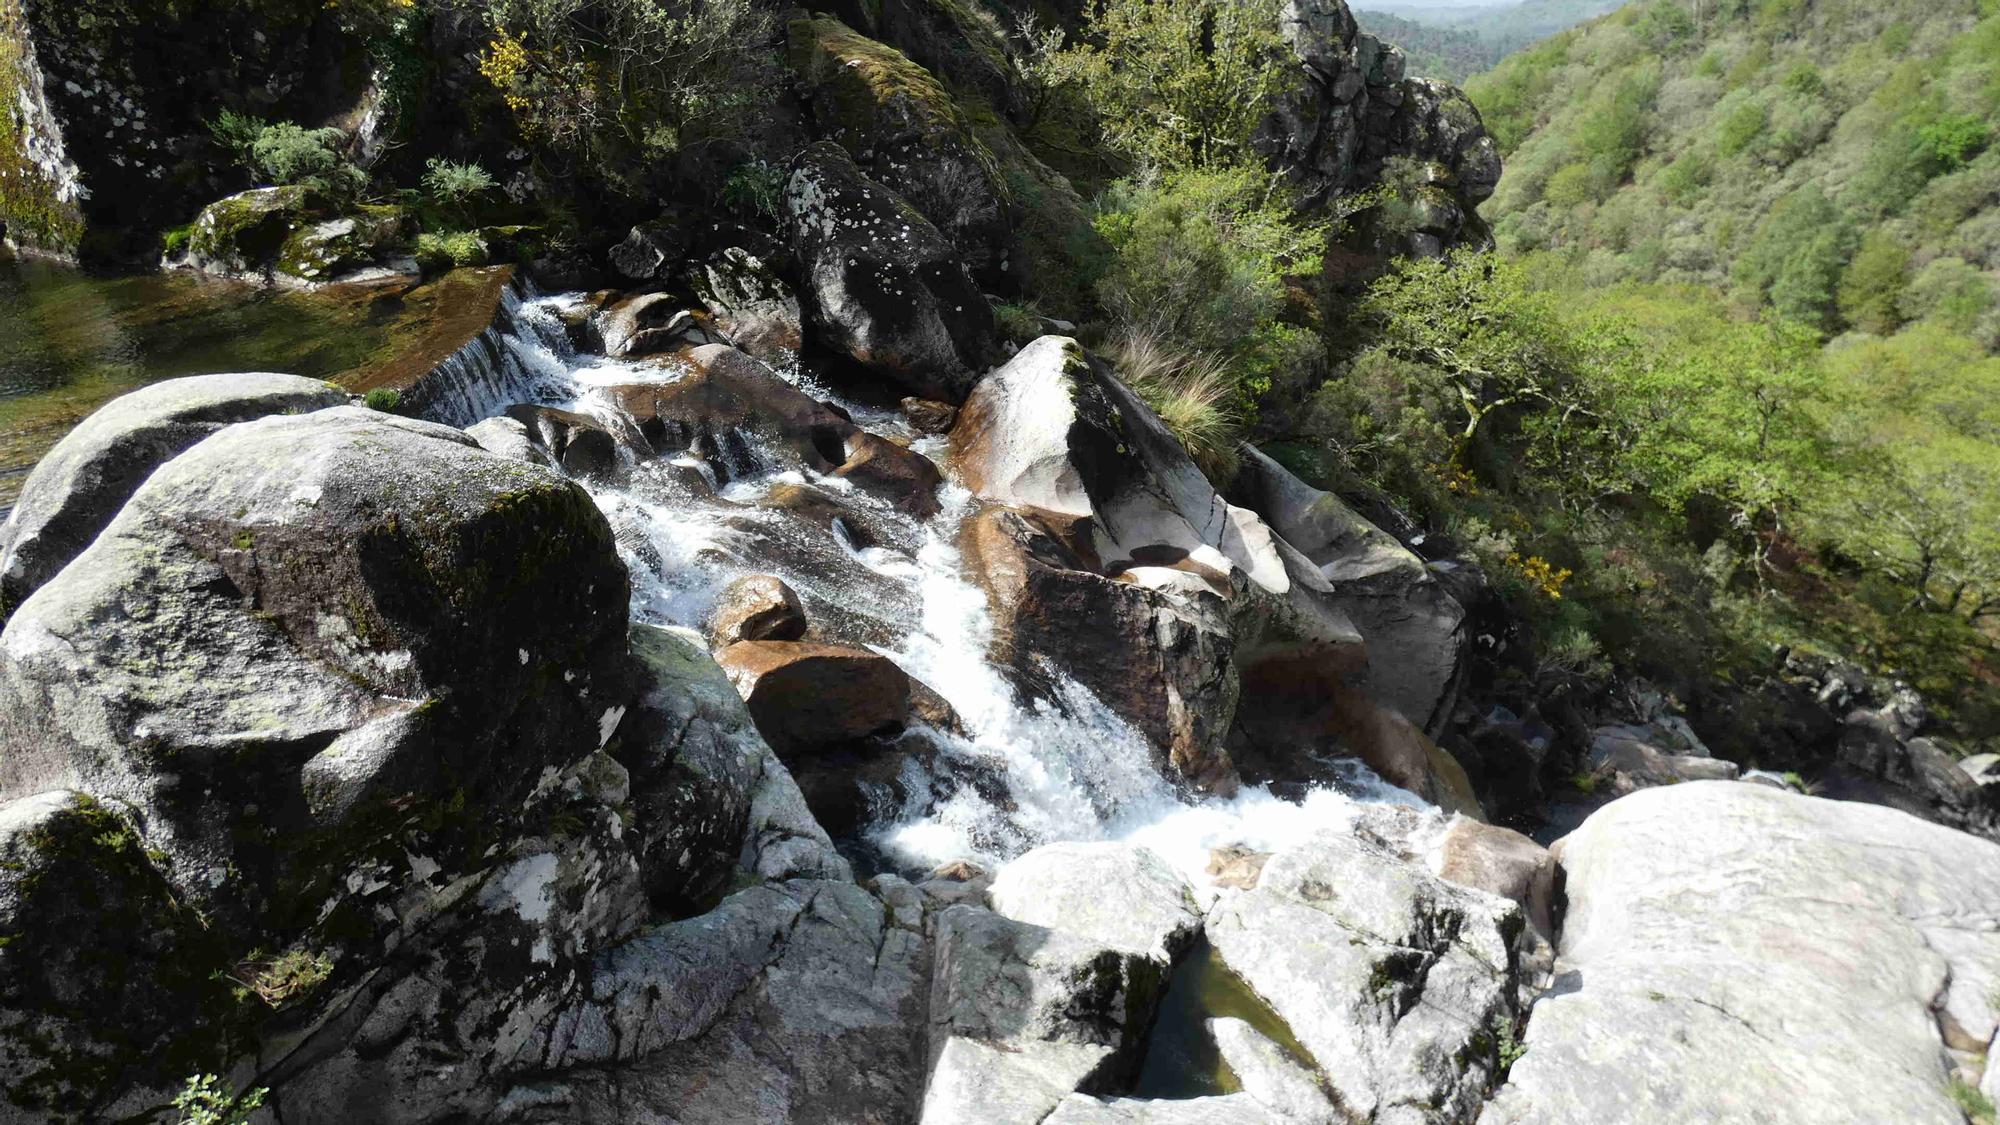 """La cascada de Liñares: el """"salto del ángel"""" de las tierras altas de Pontevedra"""